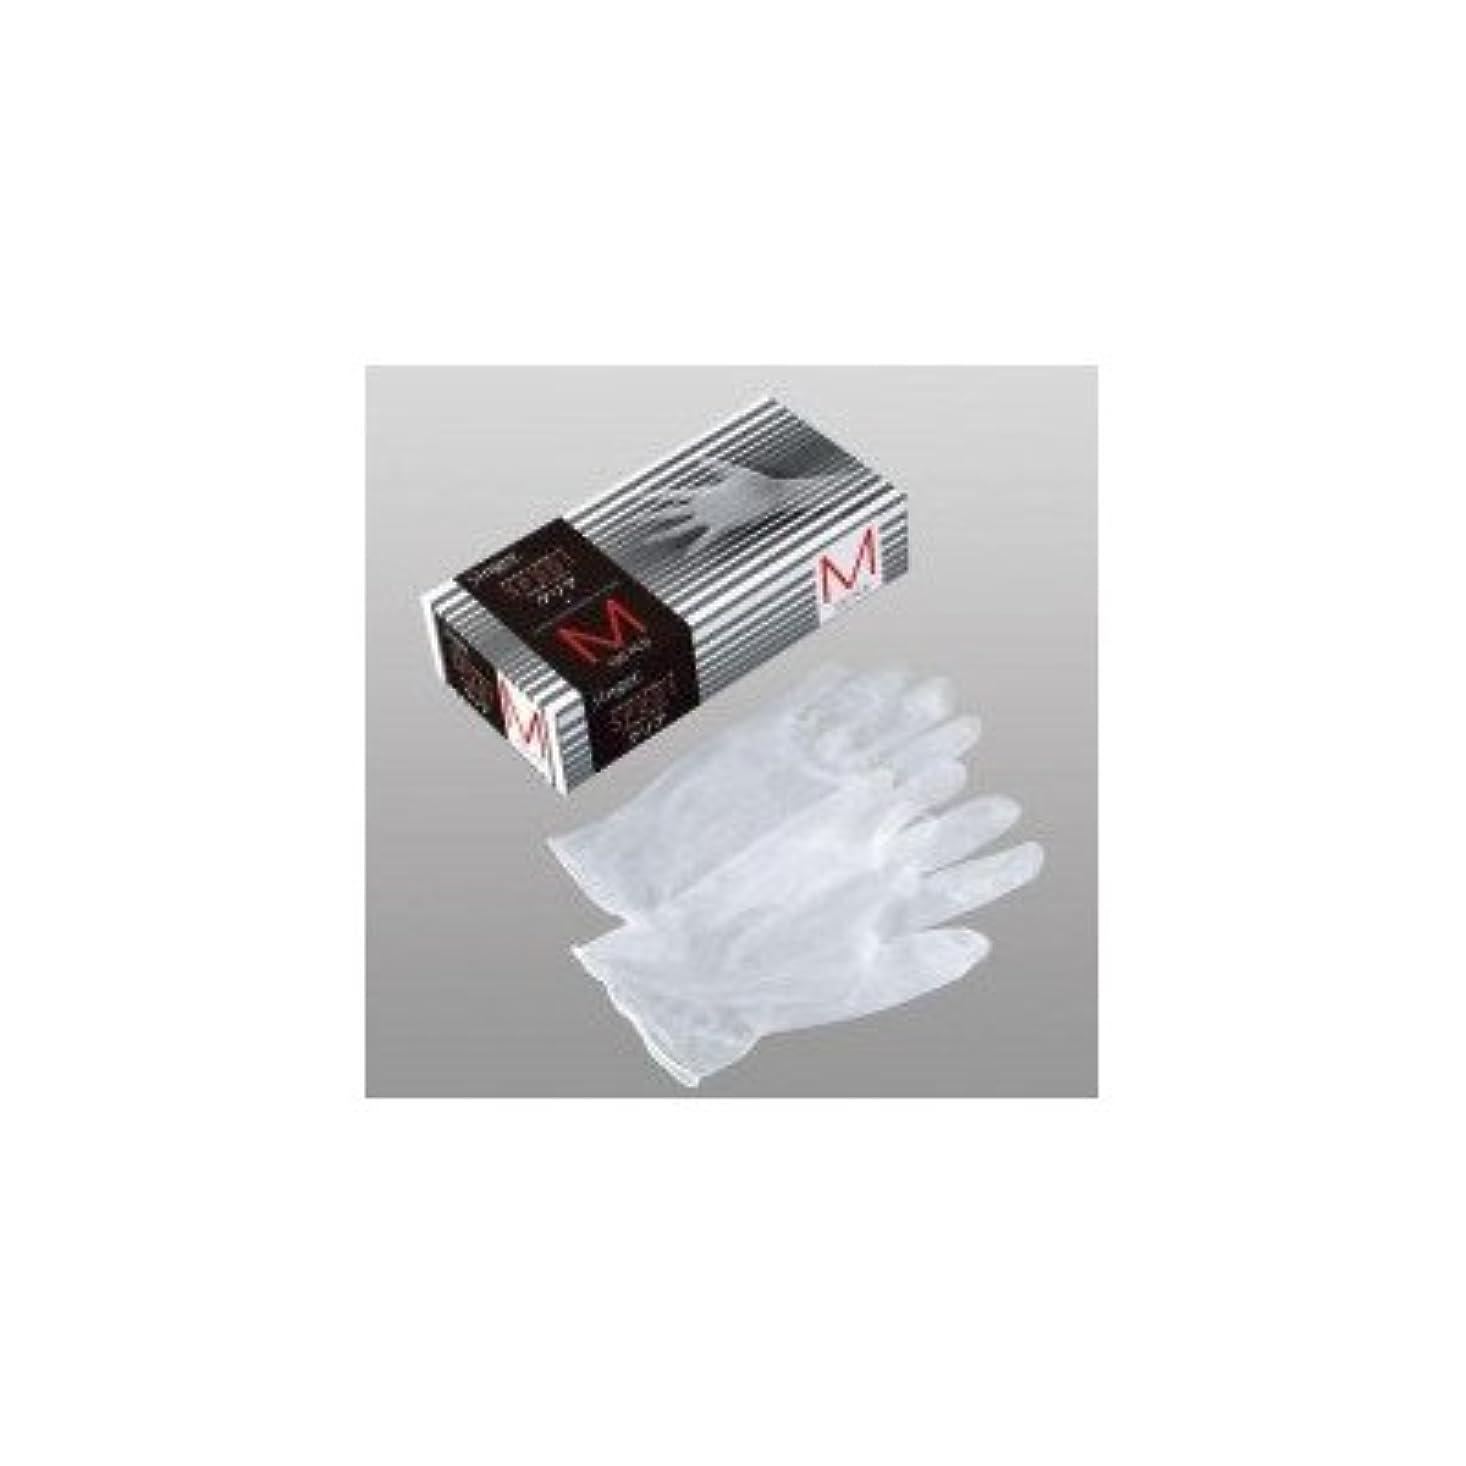 虎おしゃれじゃないモンキーシンガープラスチックグローブ(手袋) SP201 パウダーフリー クリアー(100枚) S( 画像はイメージ画像です お届けの商品はSのみとなります)